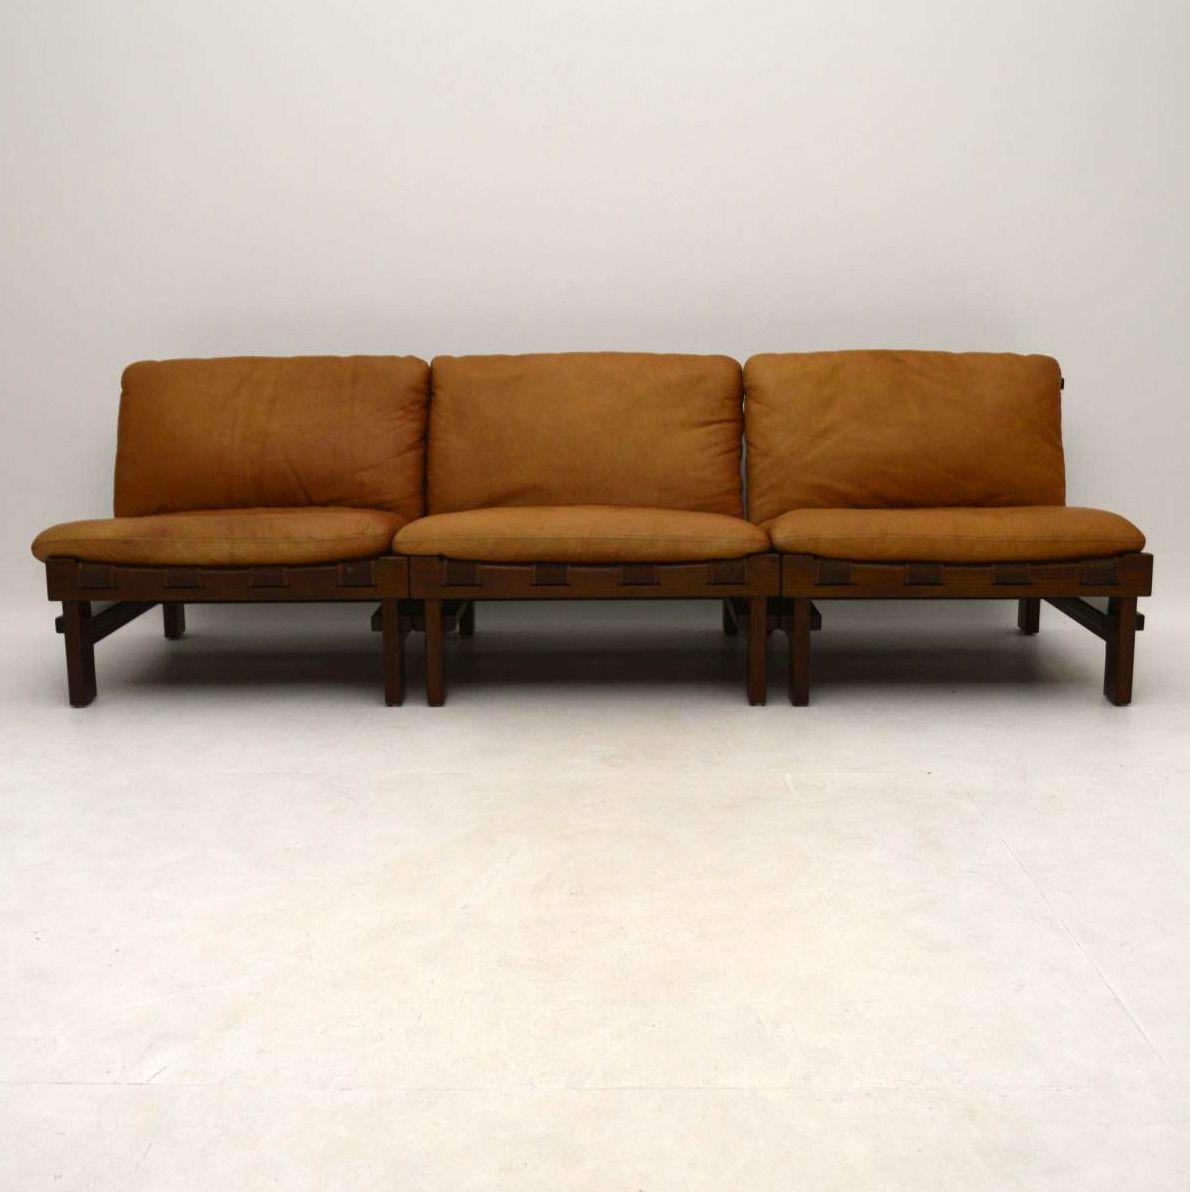 1960 S Danish Leather Modular Sofa Retrospective